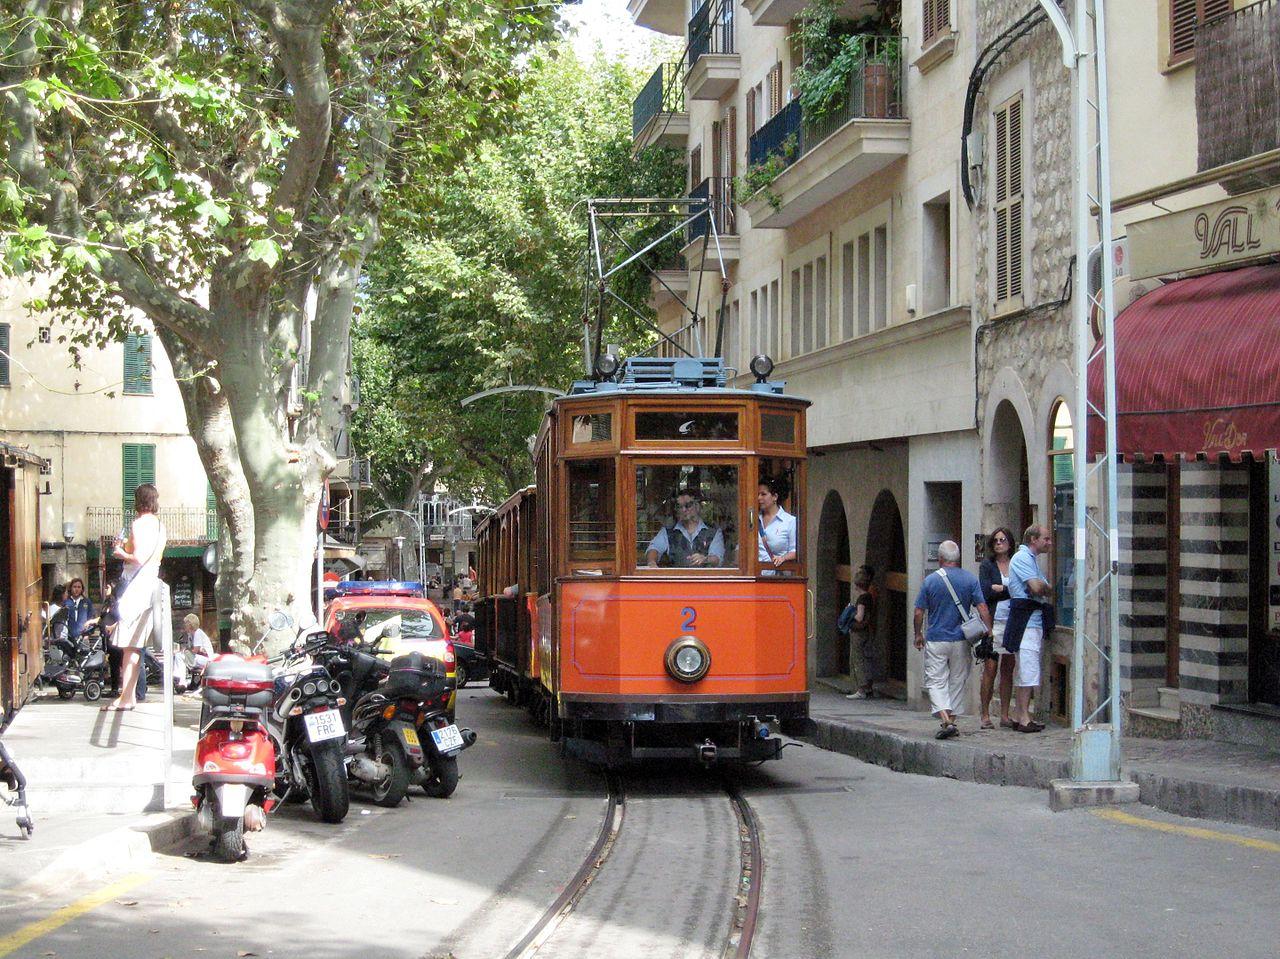 Городской трамвой в городе Сольер